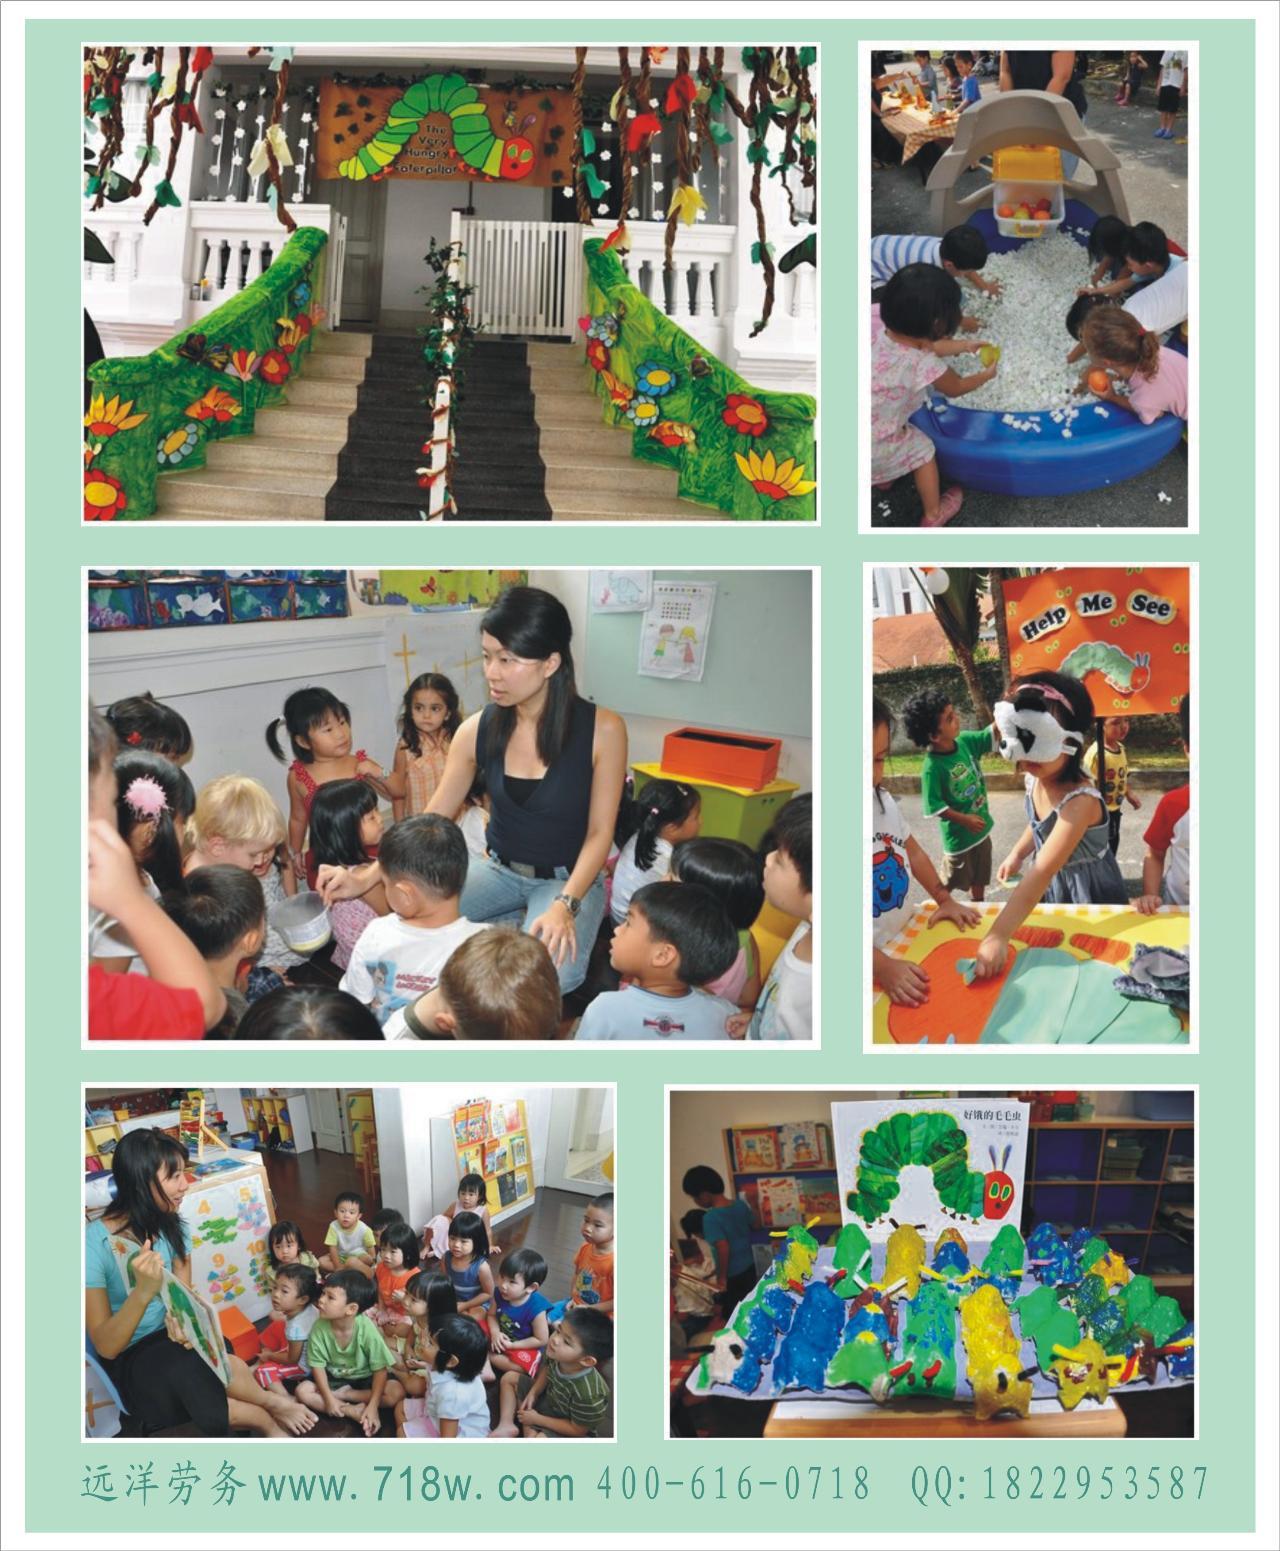 商務部資質公司貴州遠洋,外派新加坡幼兒園華文老師